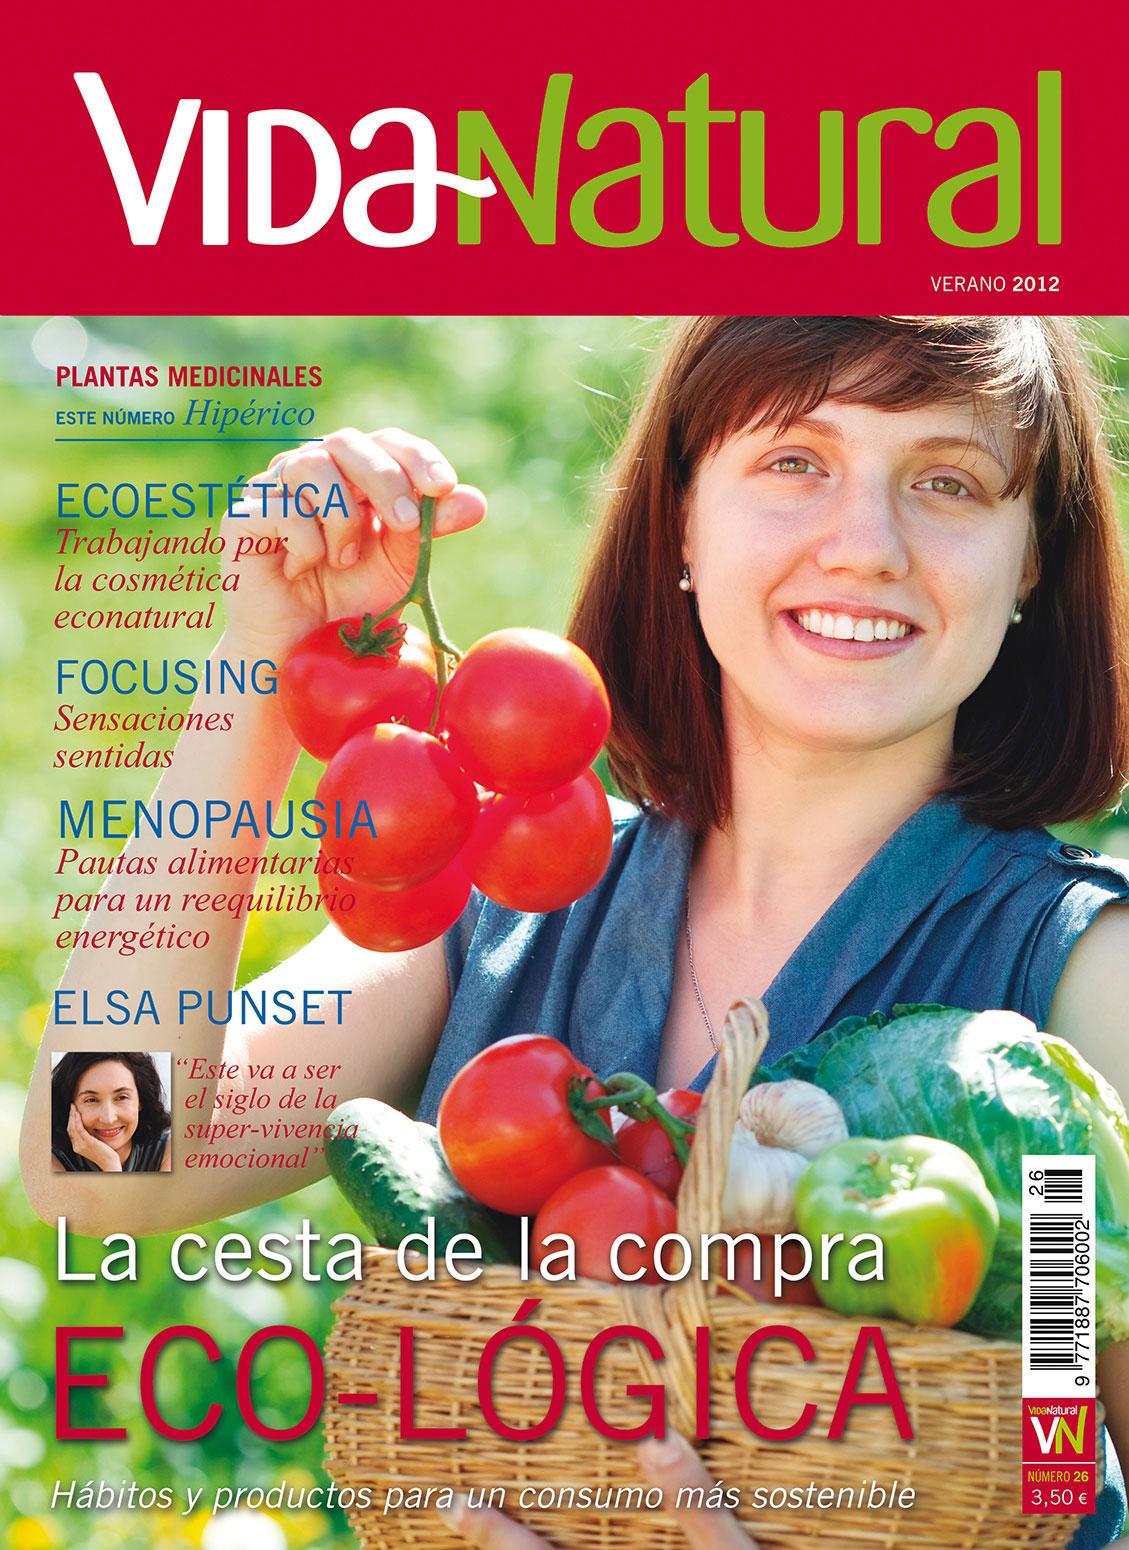 Revista Vida Natural nº 26